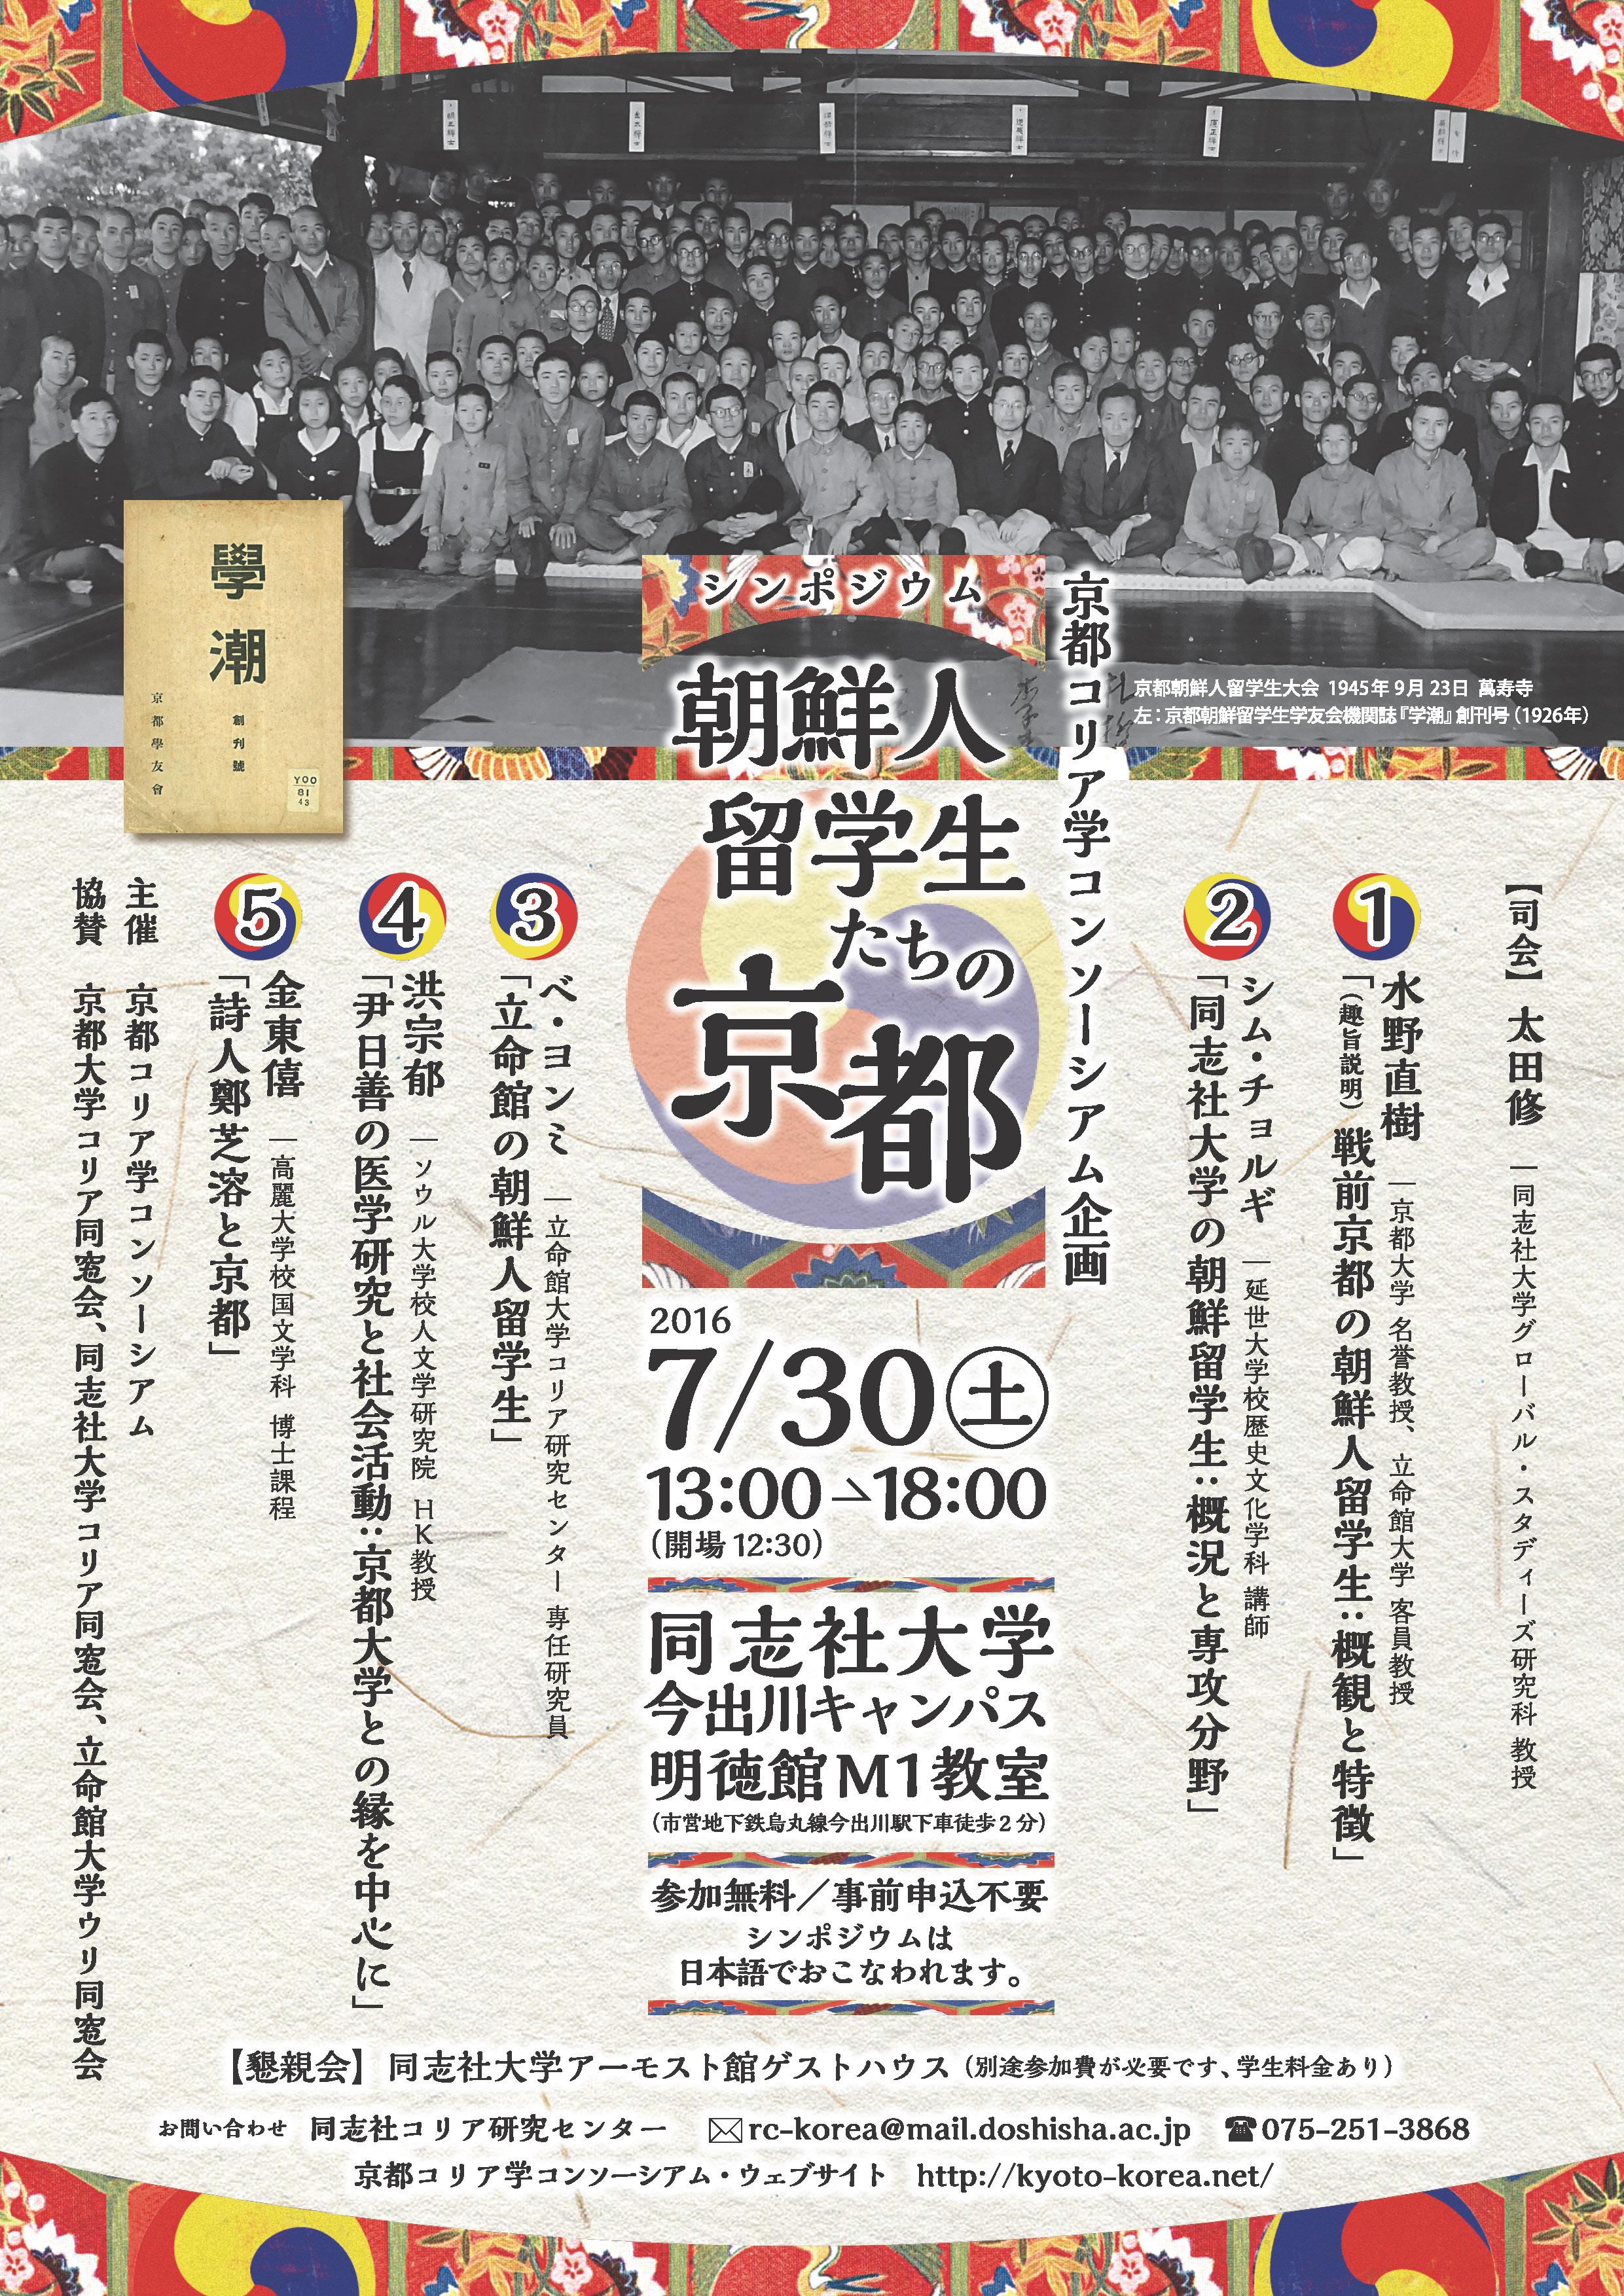 「朝鮮人留学生たちの京都」(2016年7月30日)